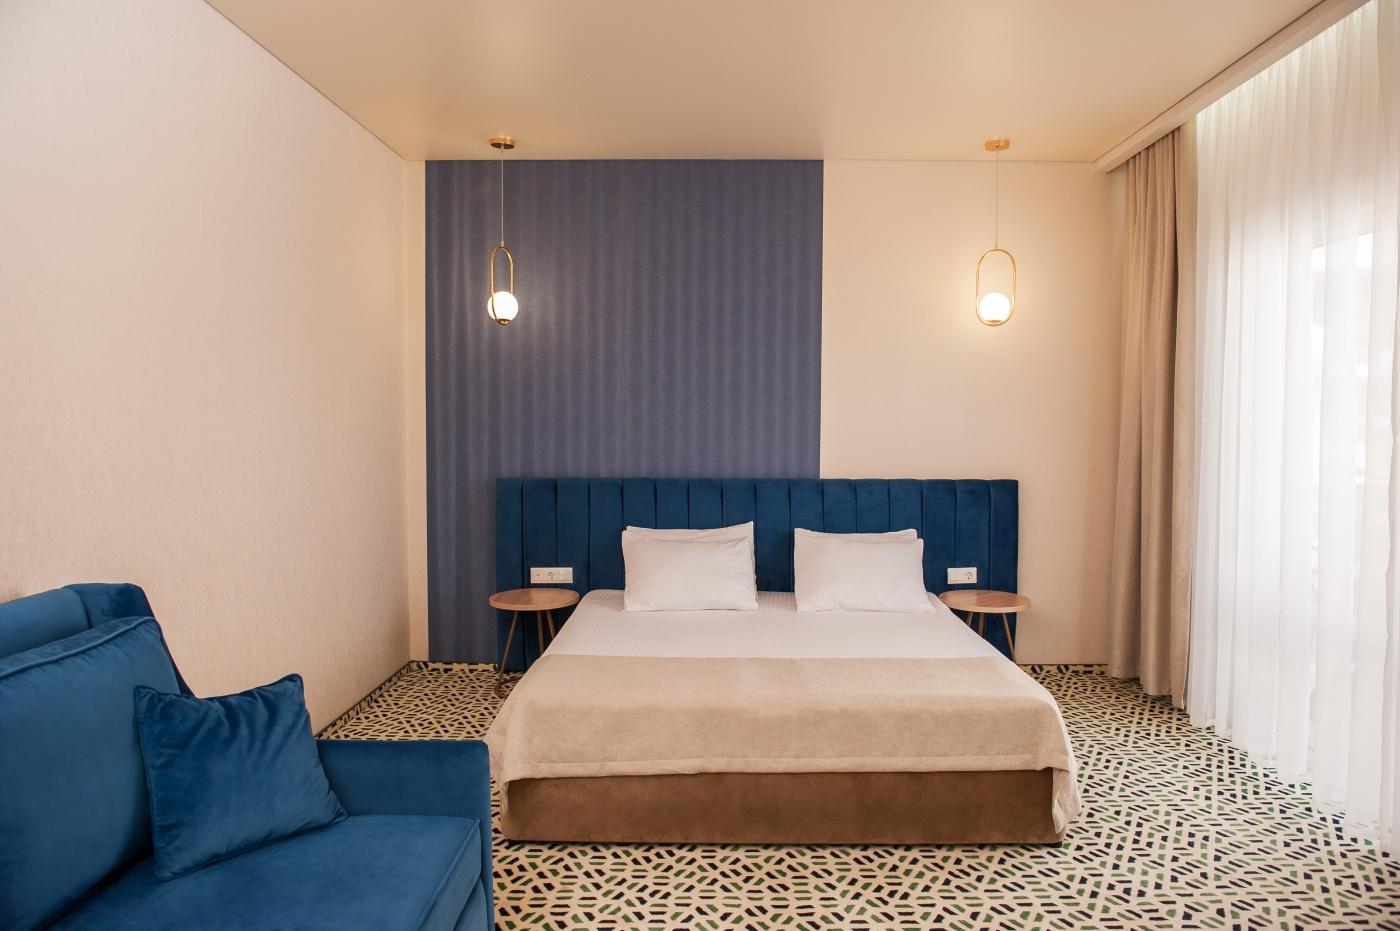 Отель «Aurum Family Resort & Spa» Краснодарский край Standard 2-местный с доп. местом (в коттедже), фото 1